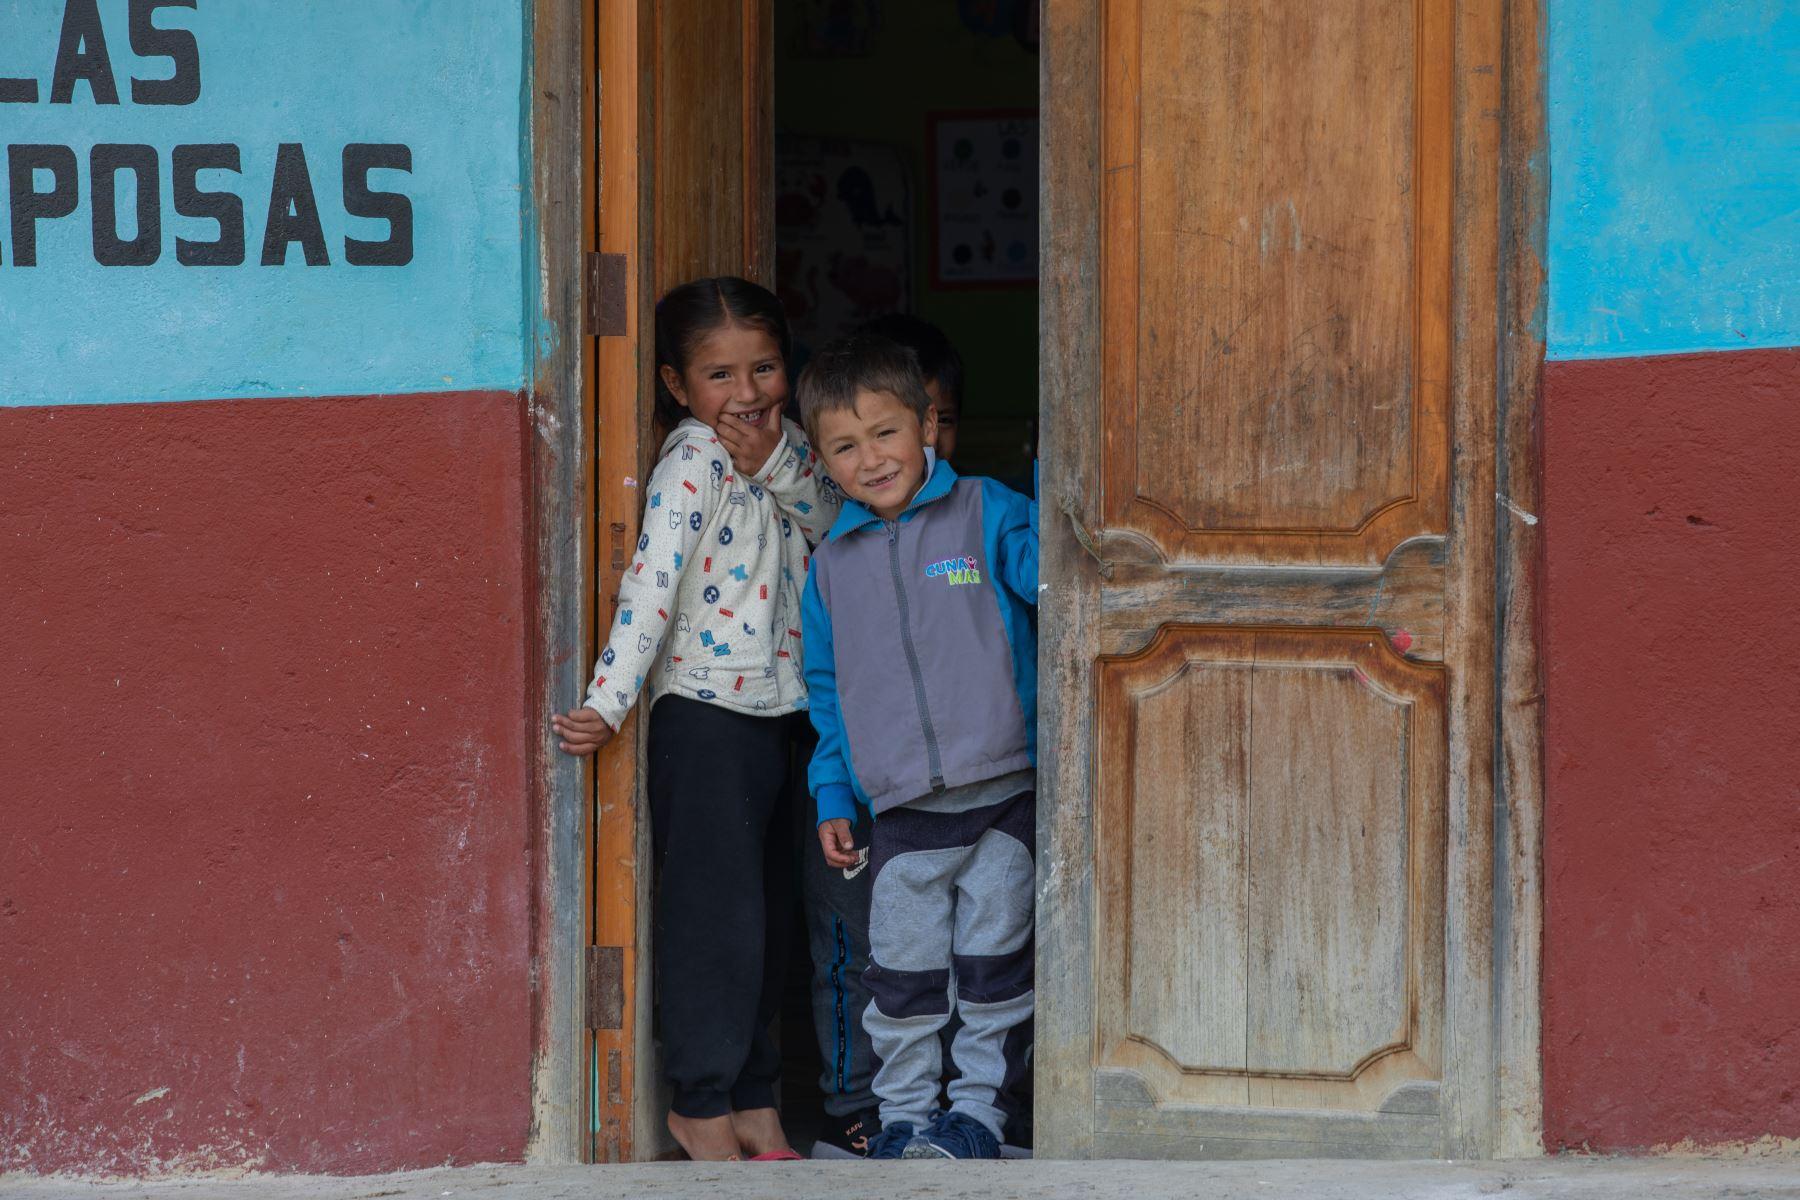 La niñez en la localidad de Puña, distrito de Tacabamba, en Cajamarca. Foto: ANDINA/Andrés Valle